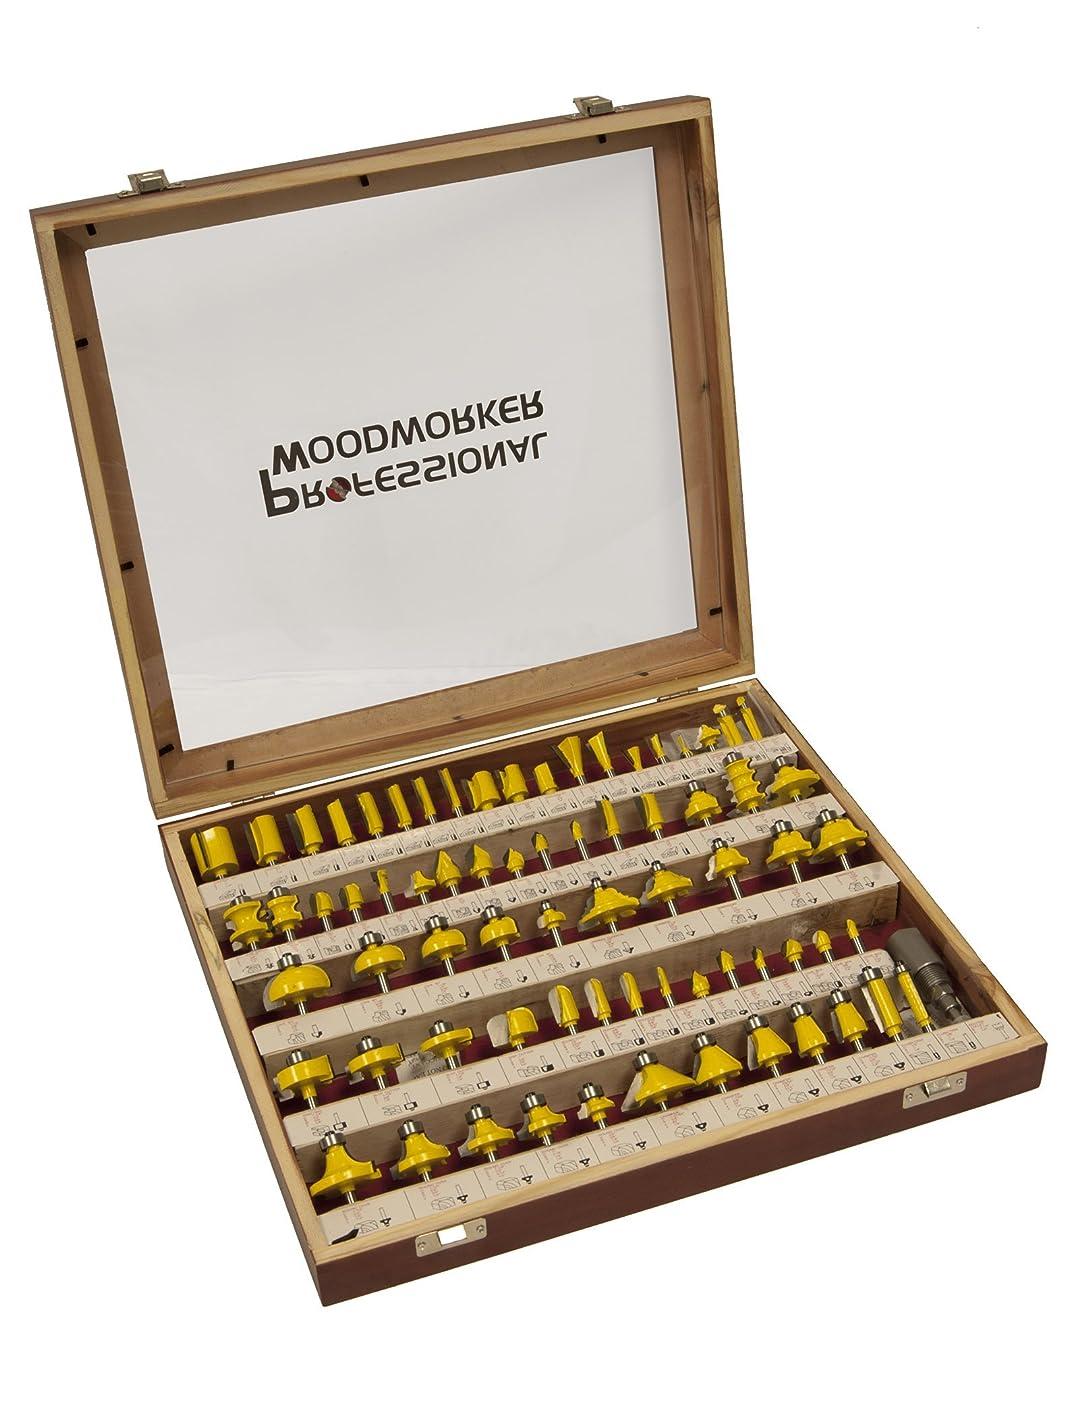 再生的僕のオーバーランProfessional Woodworker 7744 75-Piece Router Bit Set by Professional Woodworker